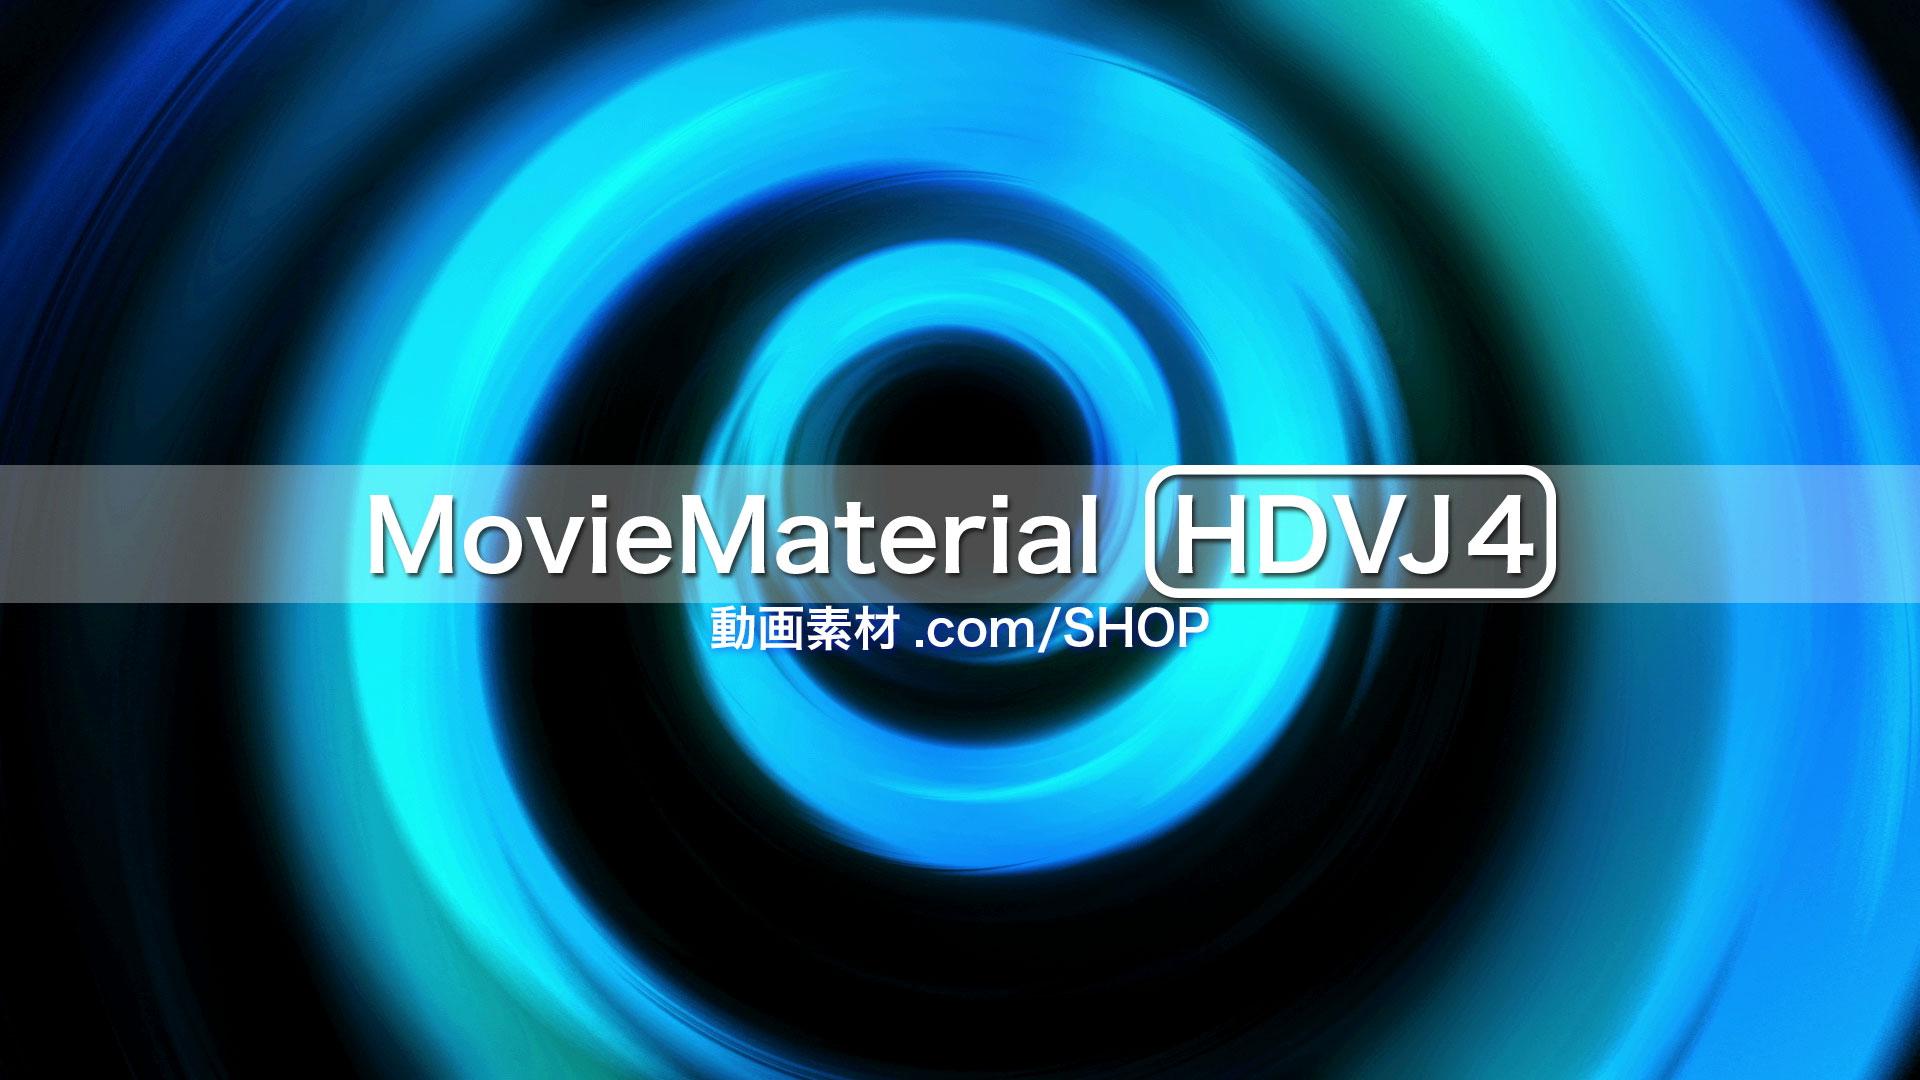 フルハイビジョン動画素材集第4段【MovieMaterial HDVJ4】ロイヤリティフリー(著作権使用料無料)4